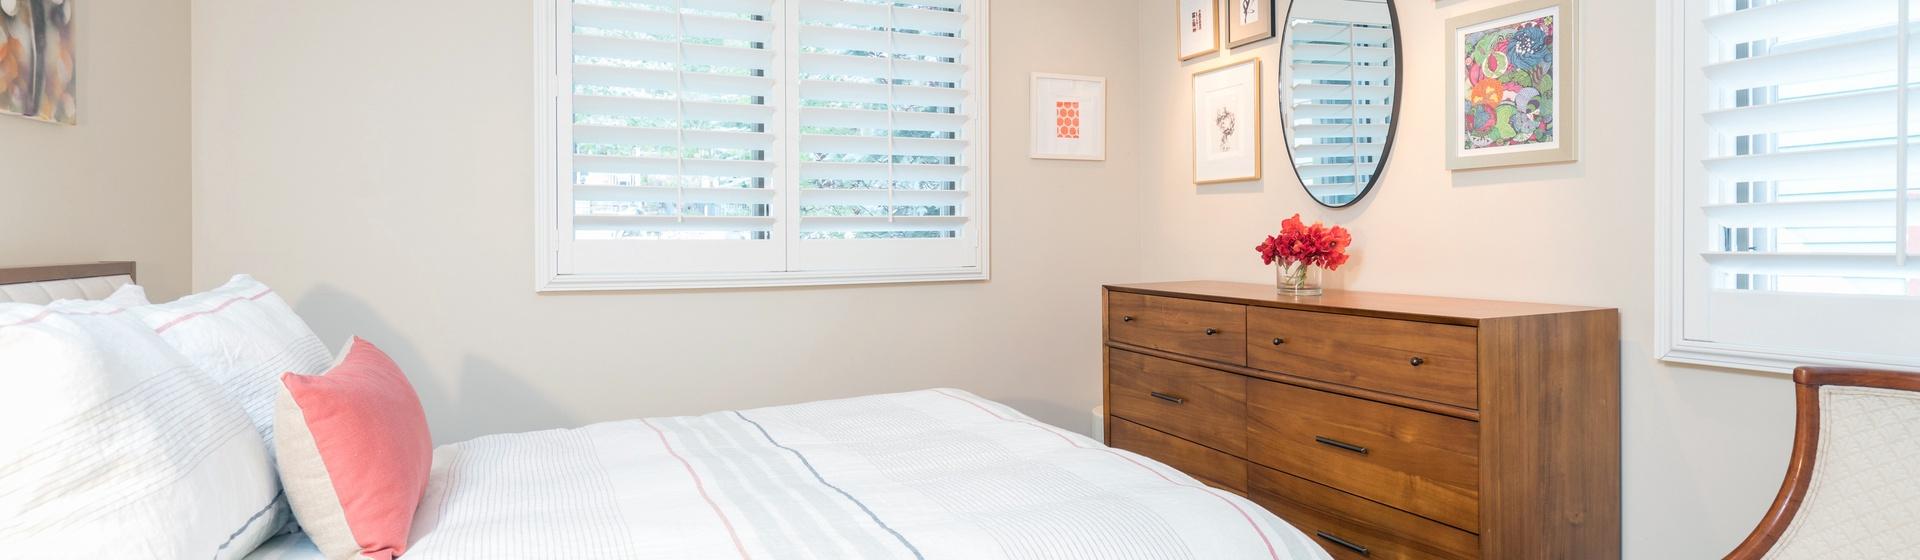 10-Telluride-Ajax-Guest-Bedroom-2-Web.jpg